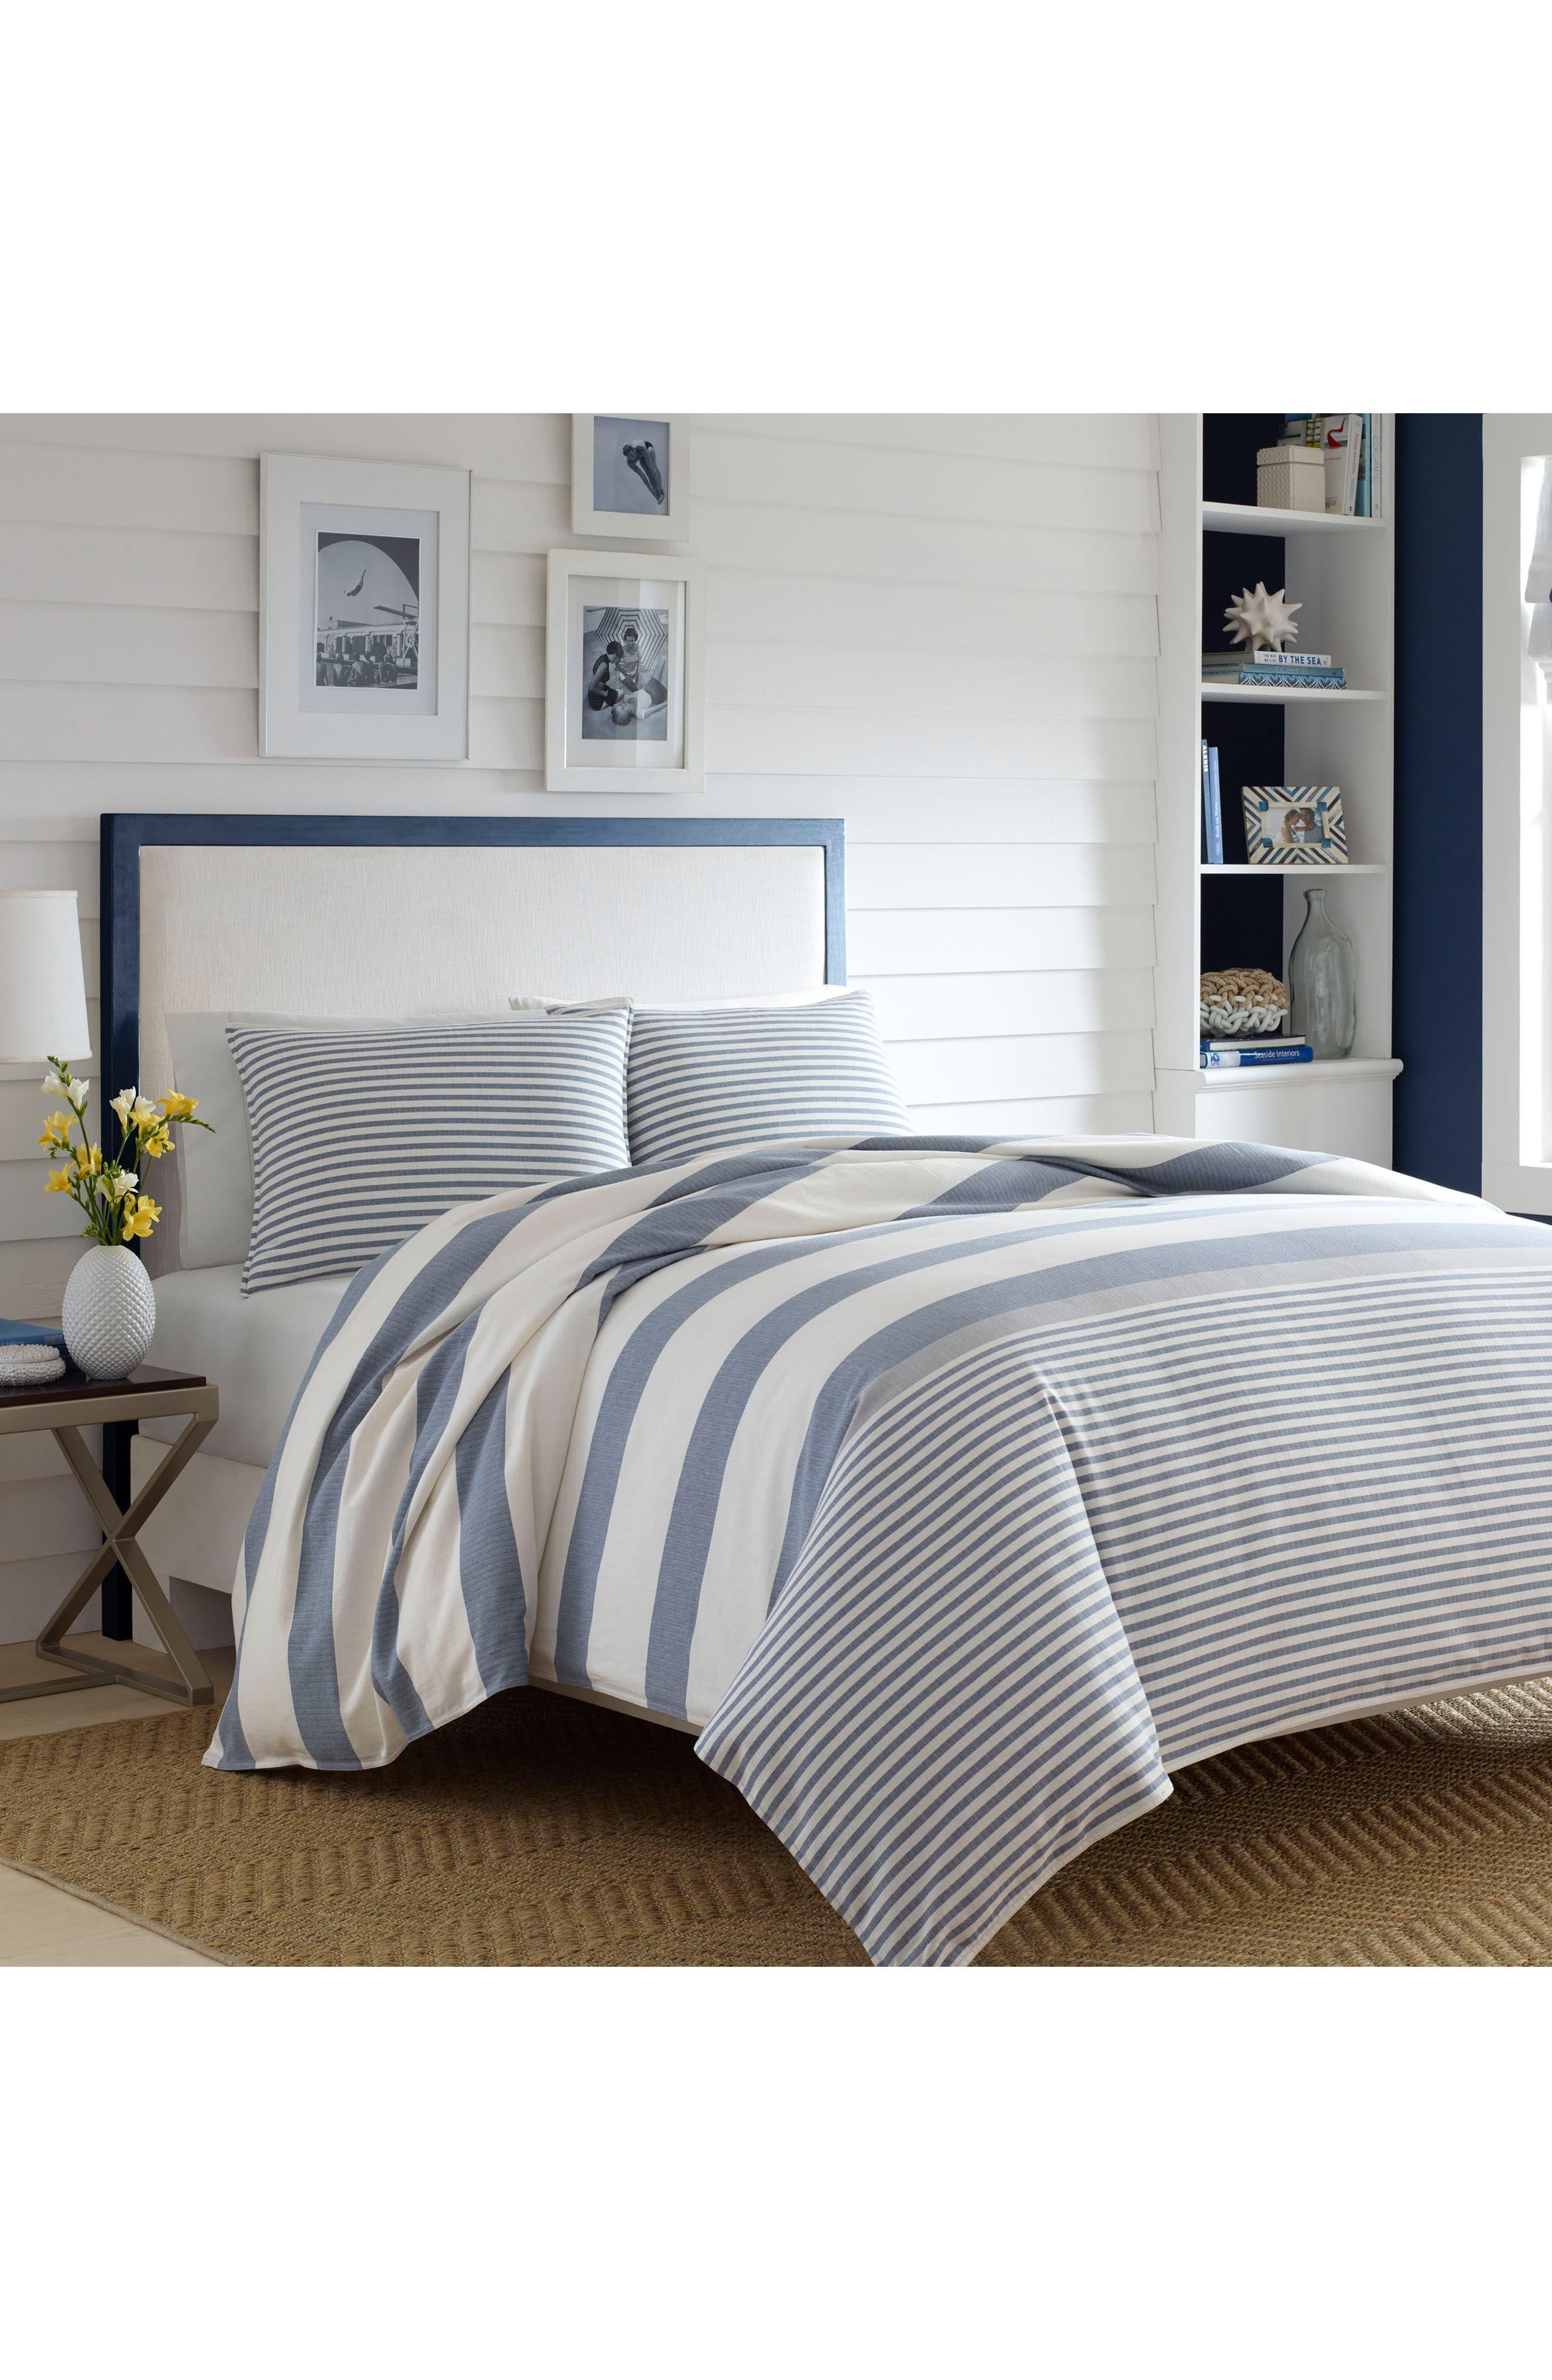 Nautica Fairwater Comforter & Sham Set